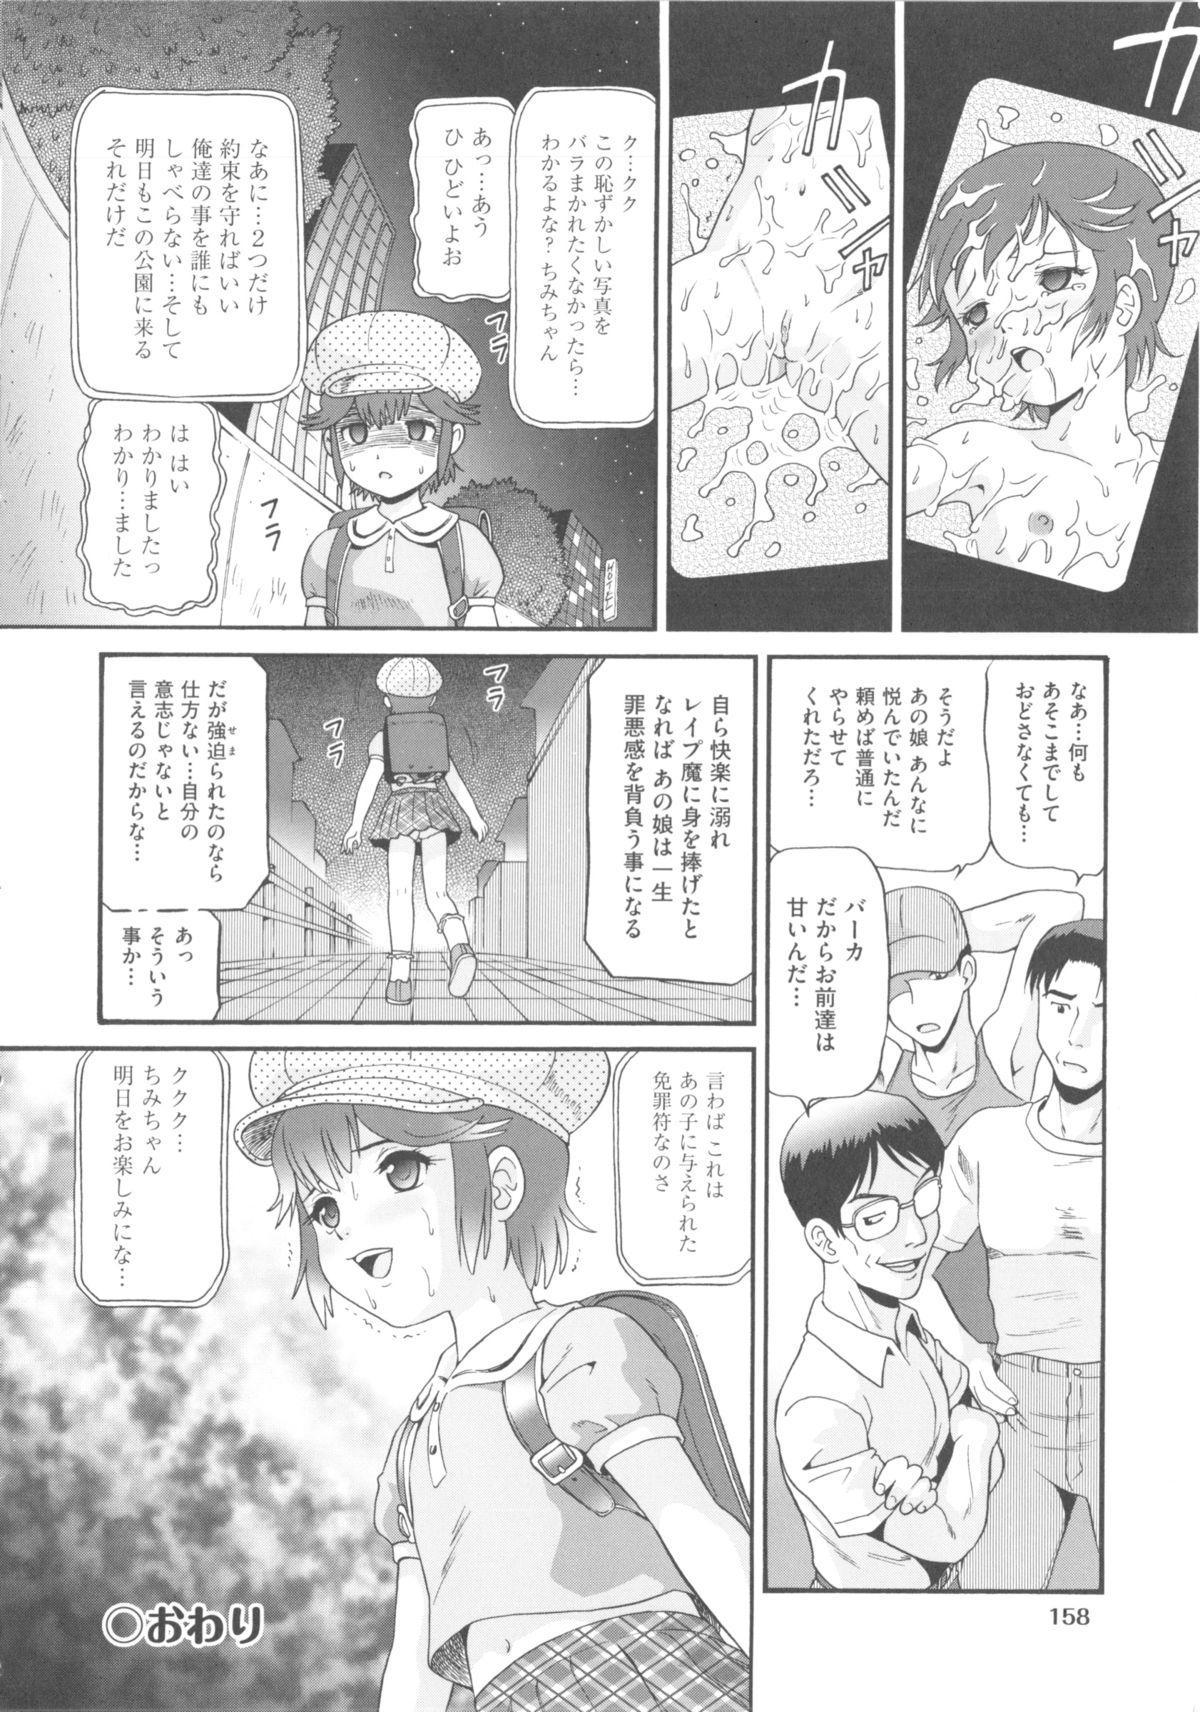 Comic Ino. 04 159